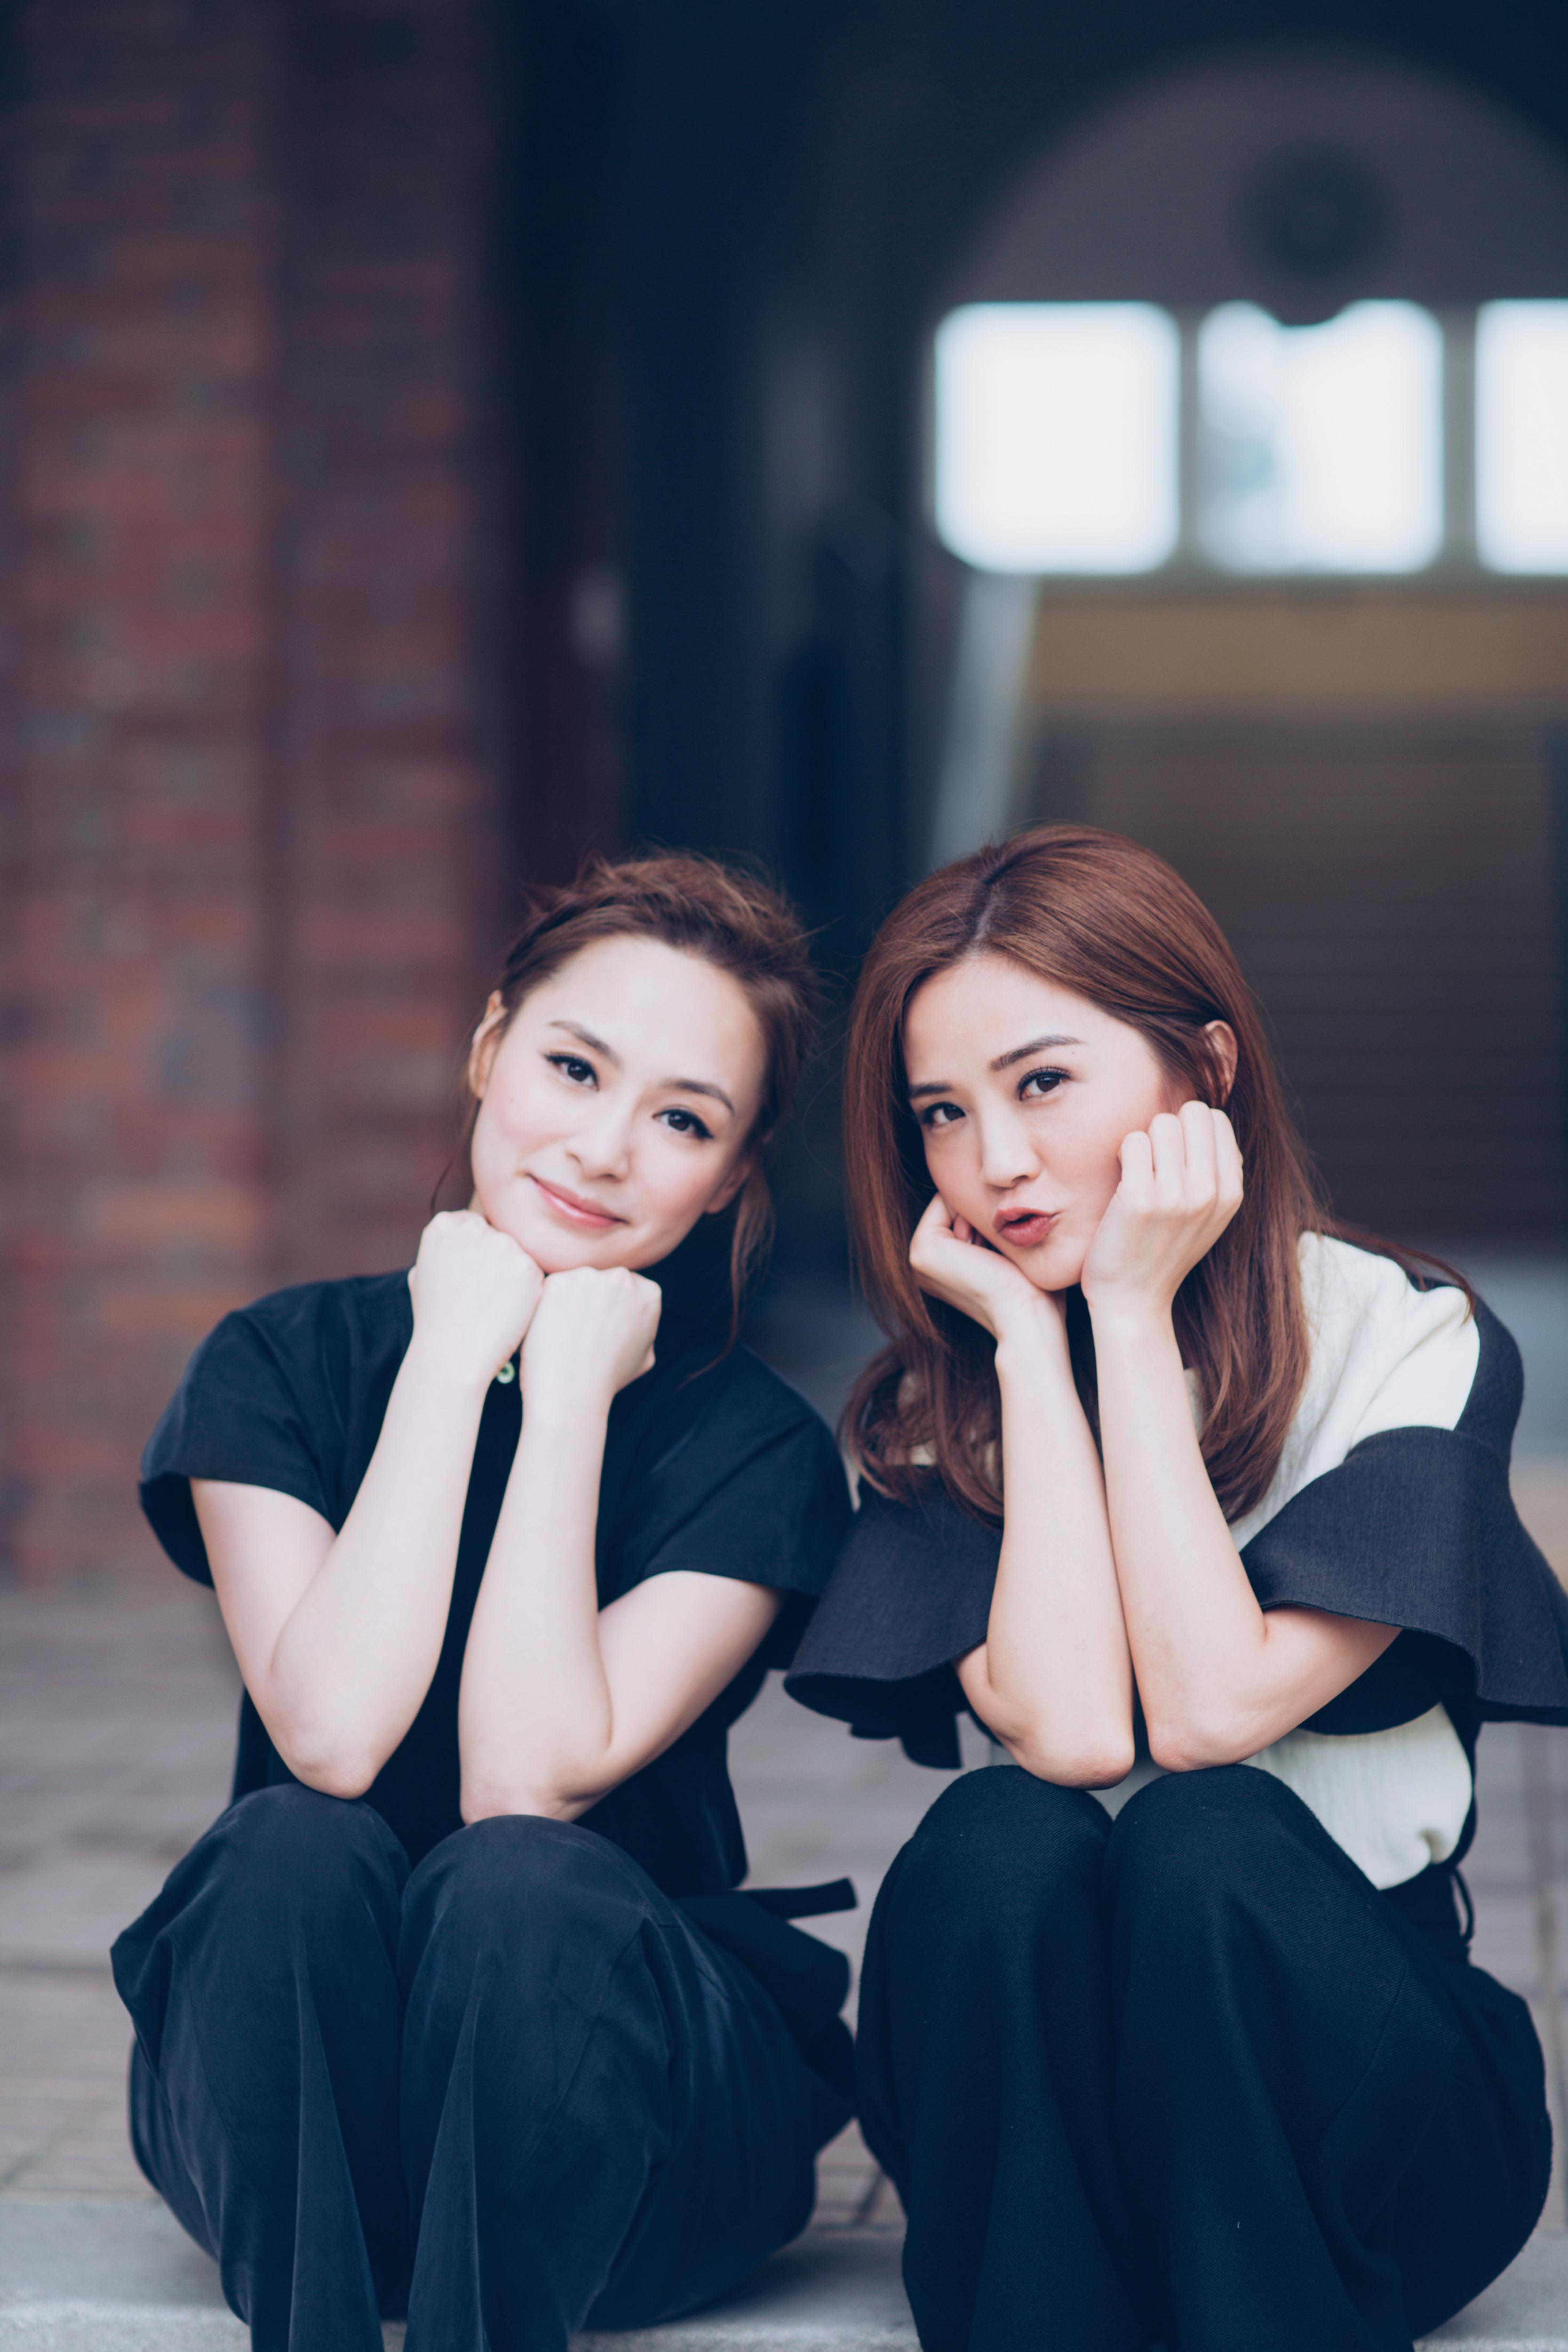 當年的Yes!Card係藝人受歡迎與否的指標,Twins都影過好多輯。